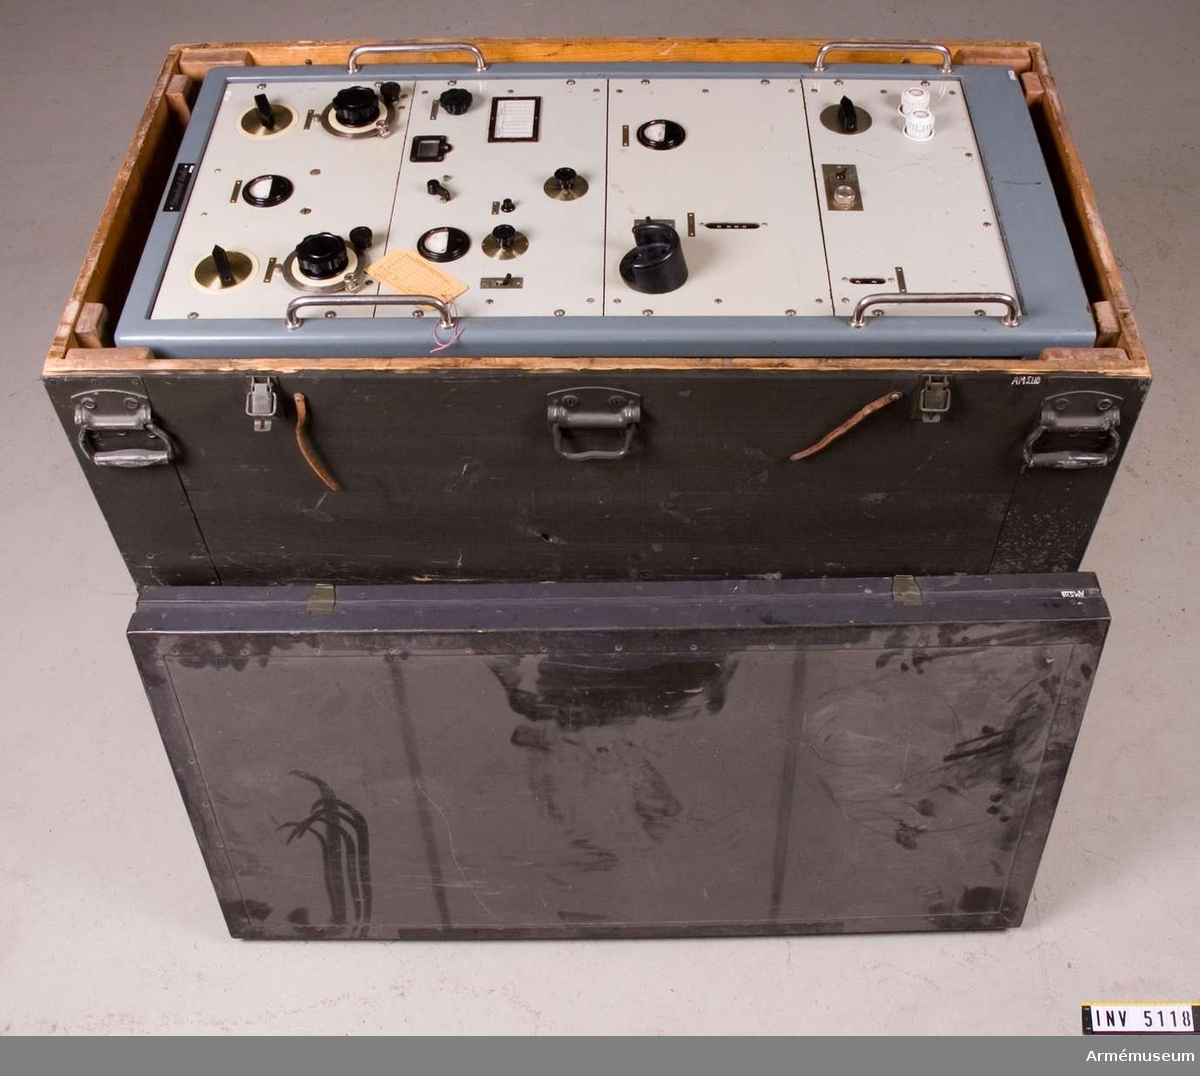 Med tillhörande låda av trä till radiostation 75 watt transportabel m/1943. Mått 1265x680x520 mm. Tillverkad av Standard radio. Märkt 75 W Tp 15 sänd.  Samhörande nr är AM.5117-21